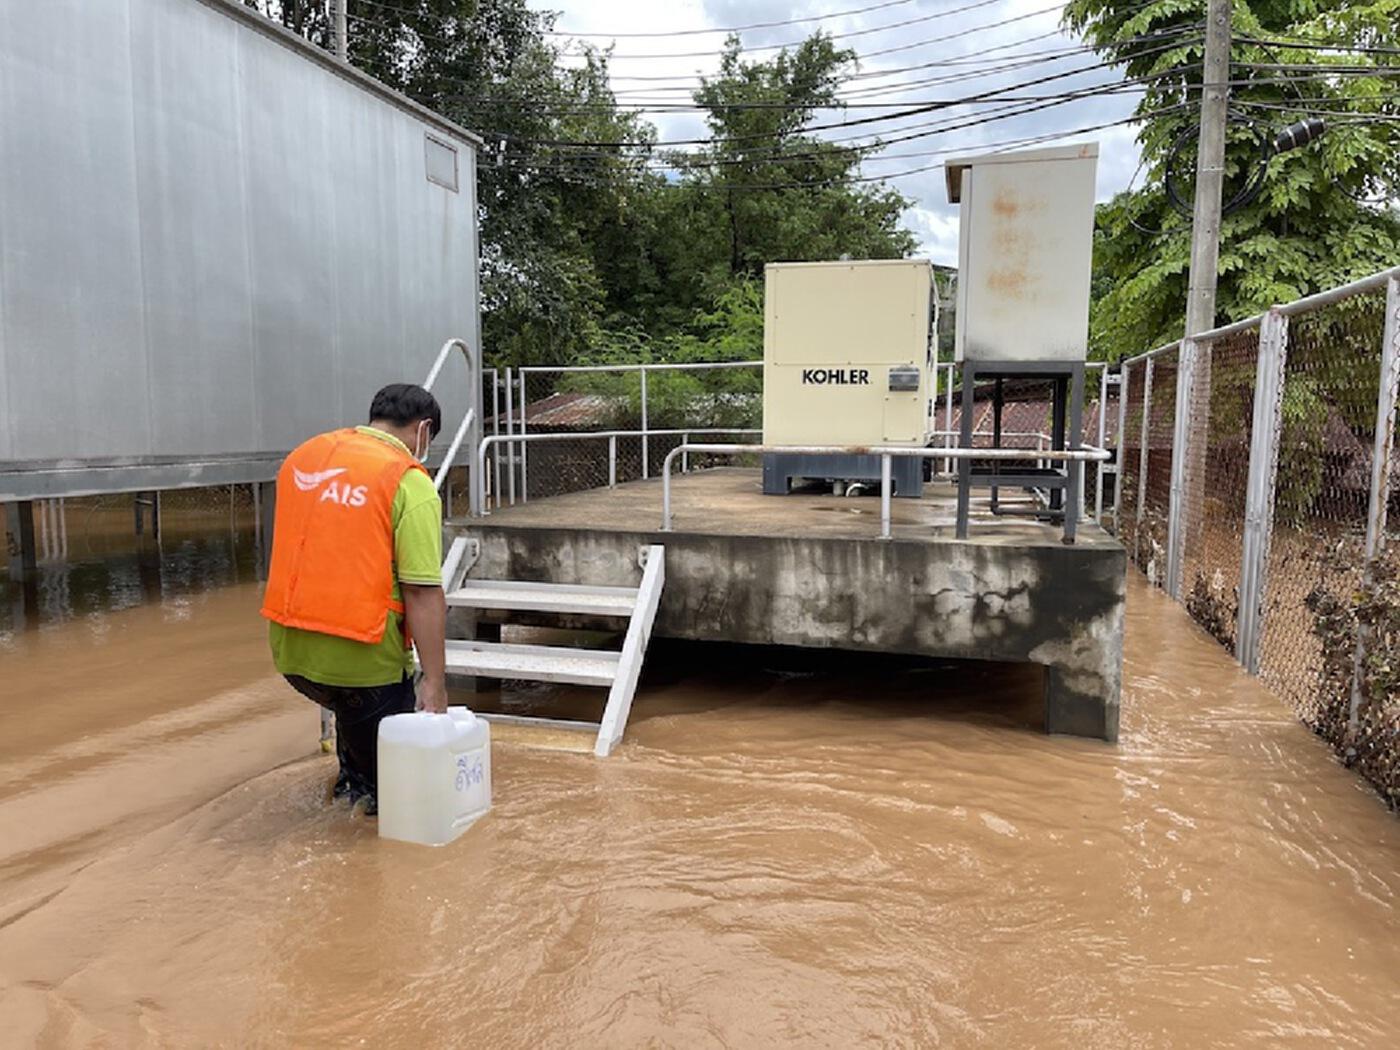 เอไอเอส จัดทีม ดูแลเครือข่ายสื่อสาร พื้นที่น้ำท่วม